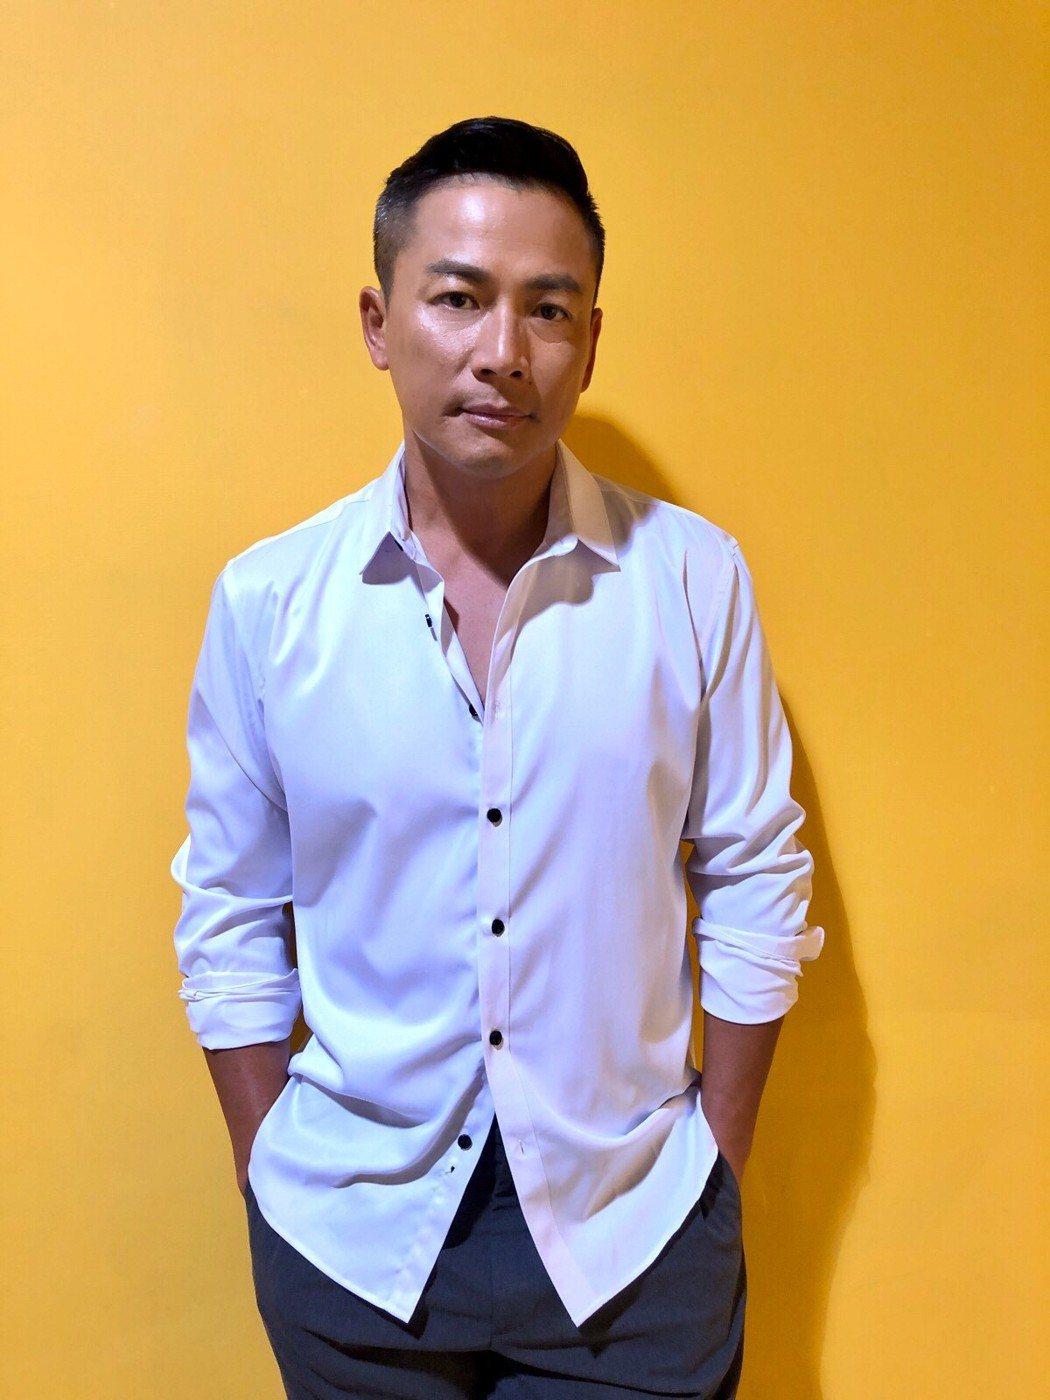 江宏恩瘦身有成。圖/艾迪昇提供